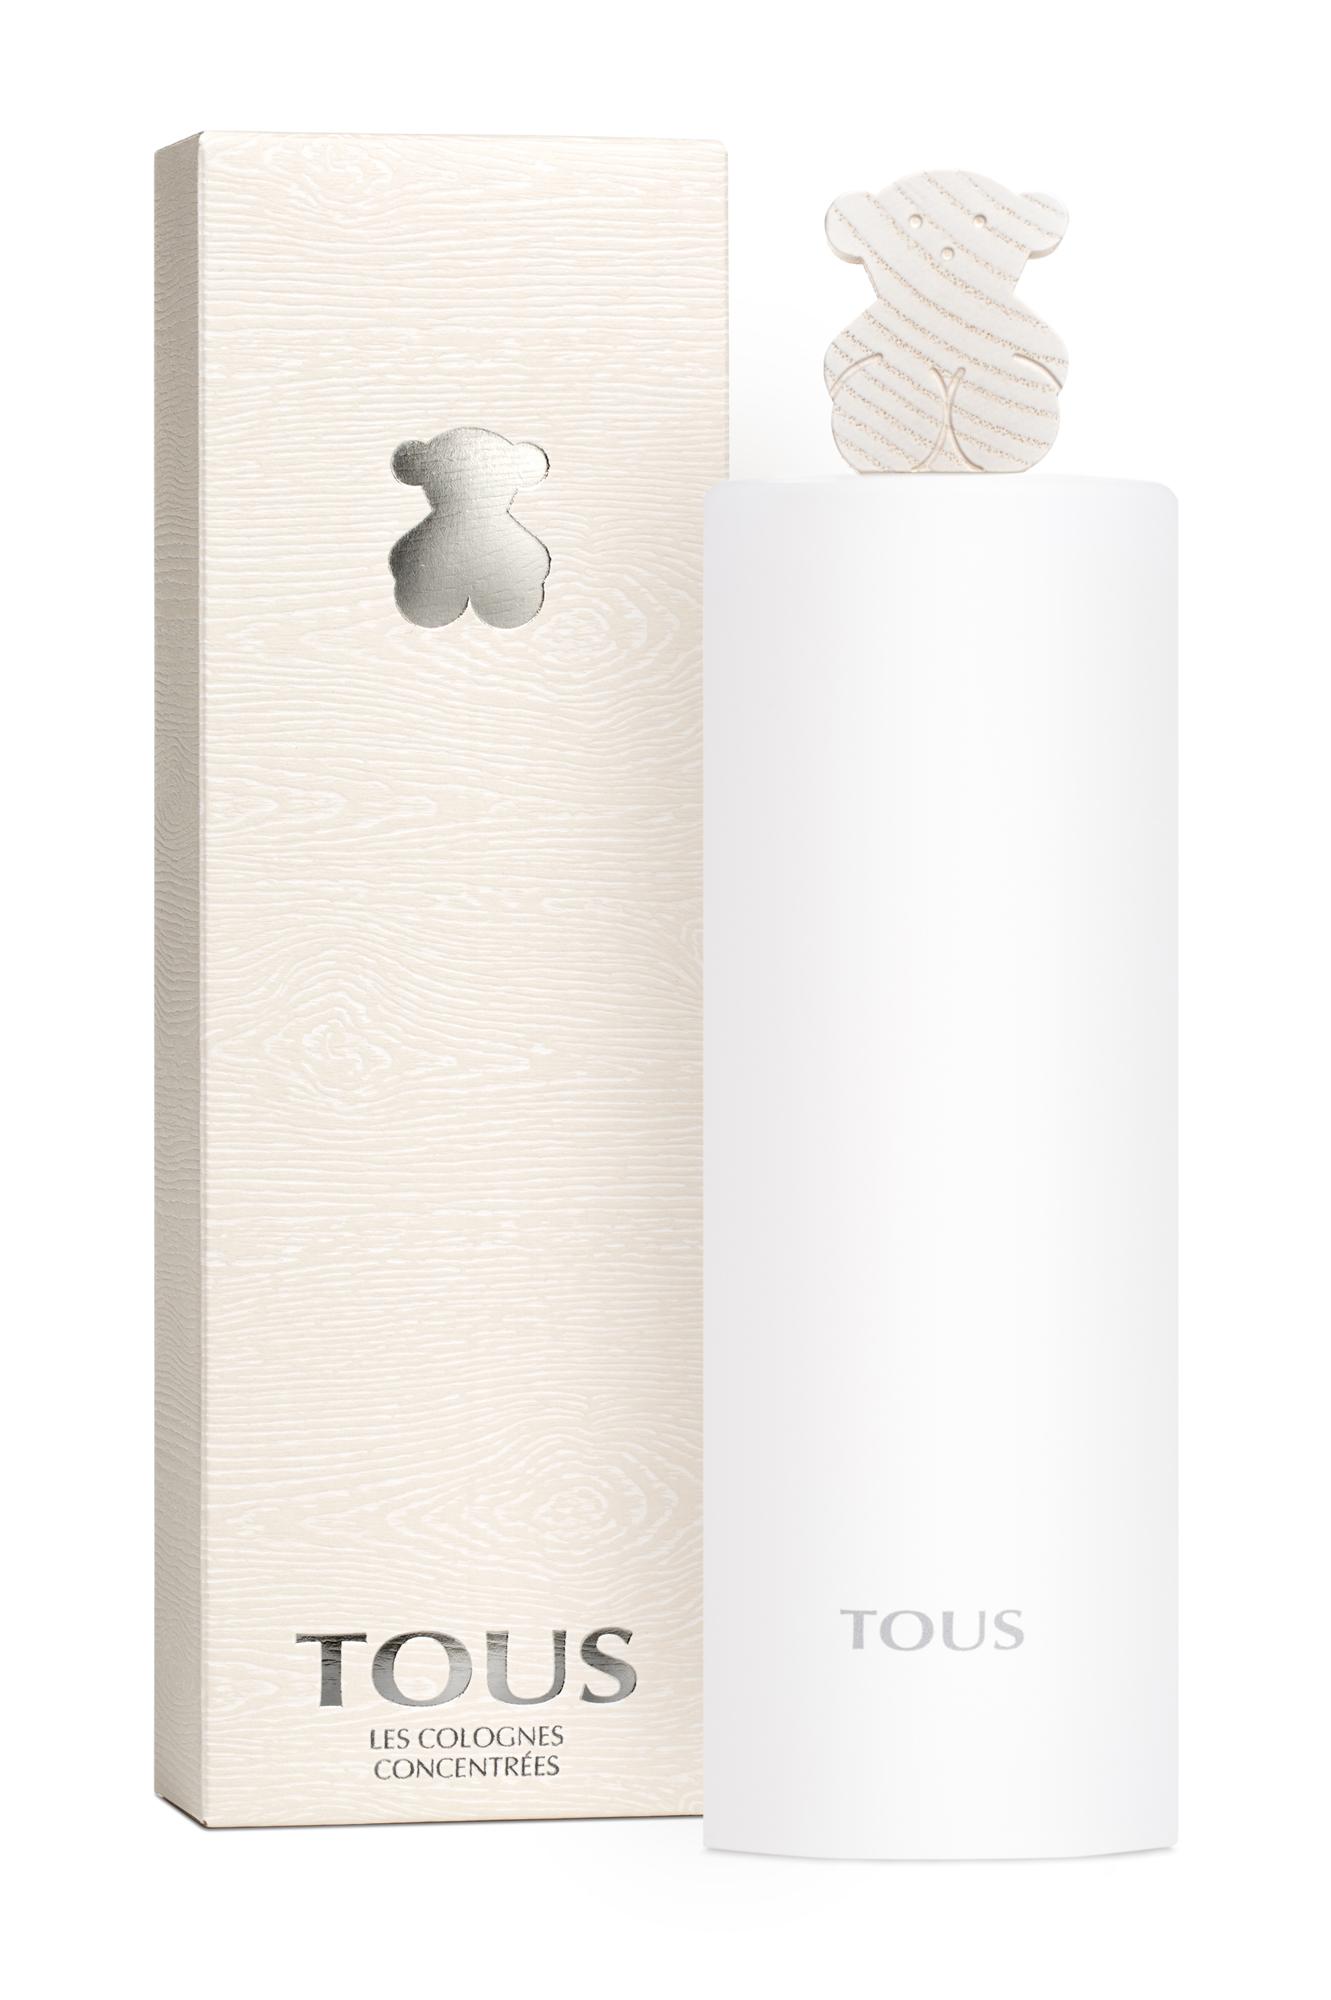 Tous les colognes concentr es tous perfume a new for Tous les cuisinistes